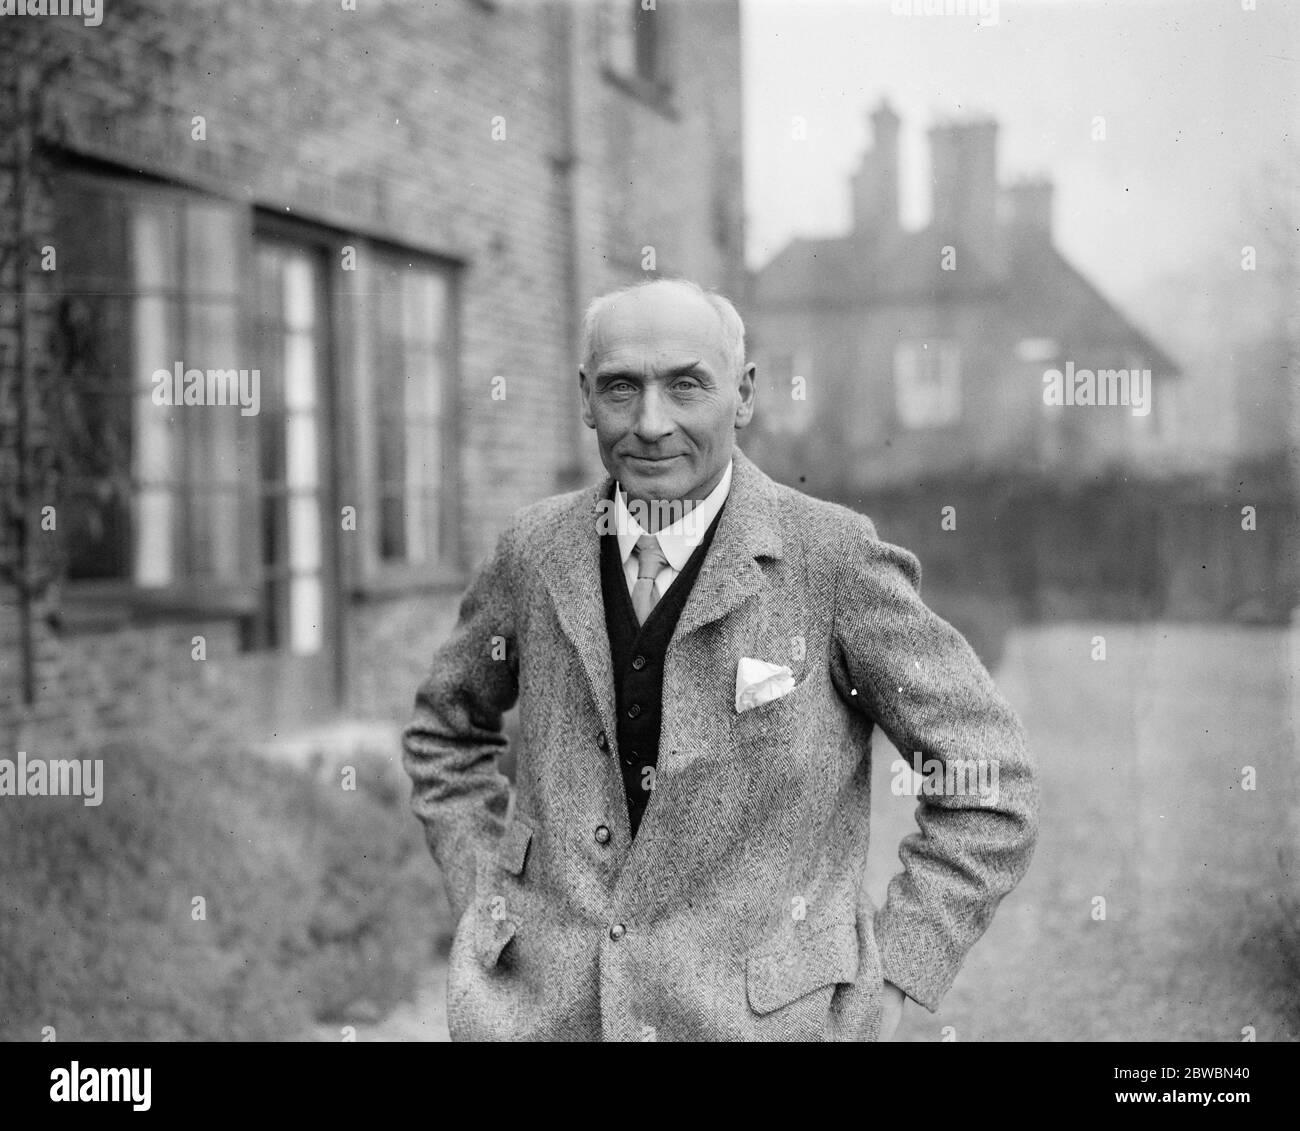 Labors champion de prélèvement sur capital à Leicester M. Pethick Lawrence , le candidat travailliste à leicester 21 novembre 1923 Banque D'Images